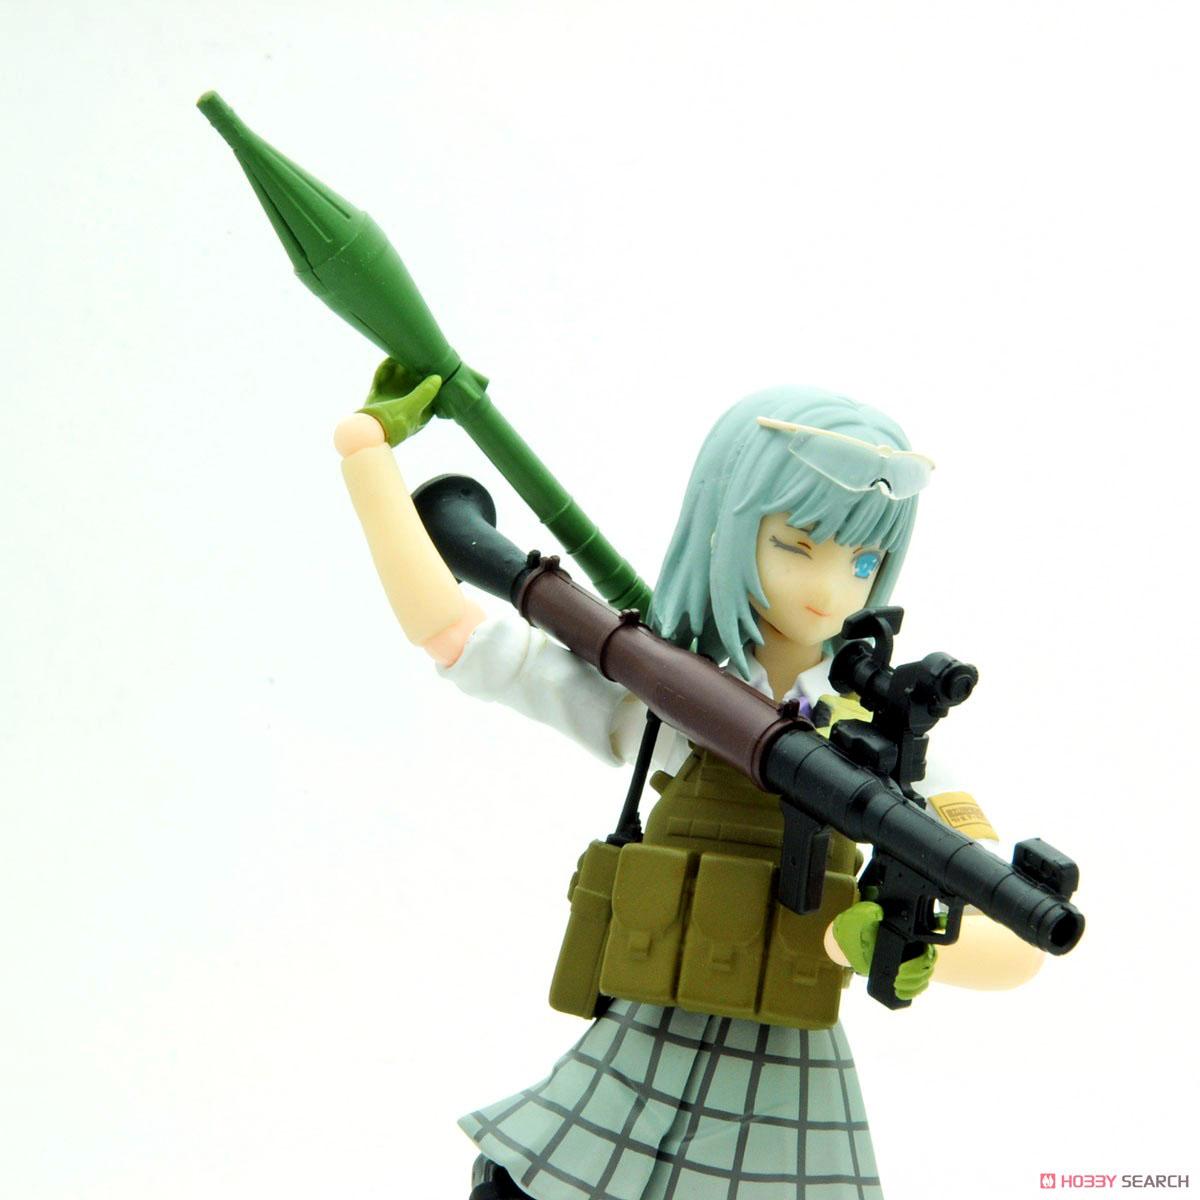 リトルアーモリー LA061『RPG7タイプ』1/12 プラモデル-009